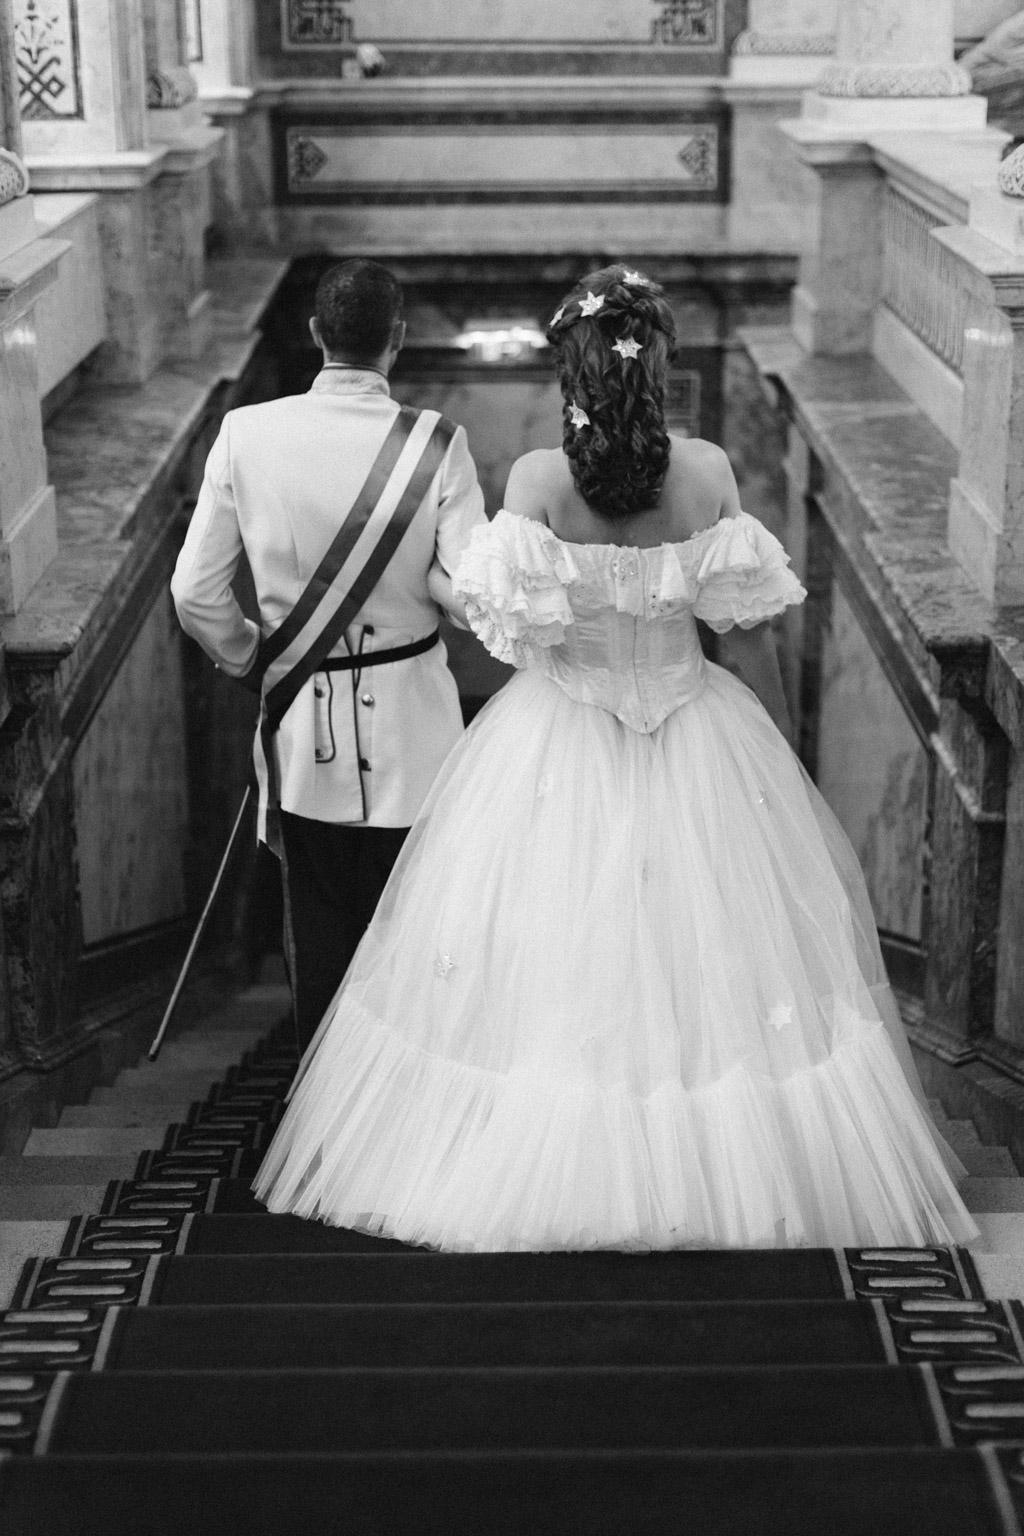 surprise-birthday-wedding-anniversary-themed-shooting-hotel-imperial-schloss-belvedere-vienna-austria-melanie-nedelko-photography-sissi-franz (23).JPG